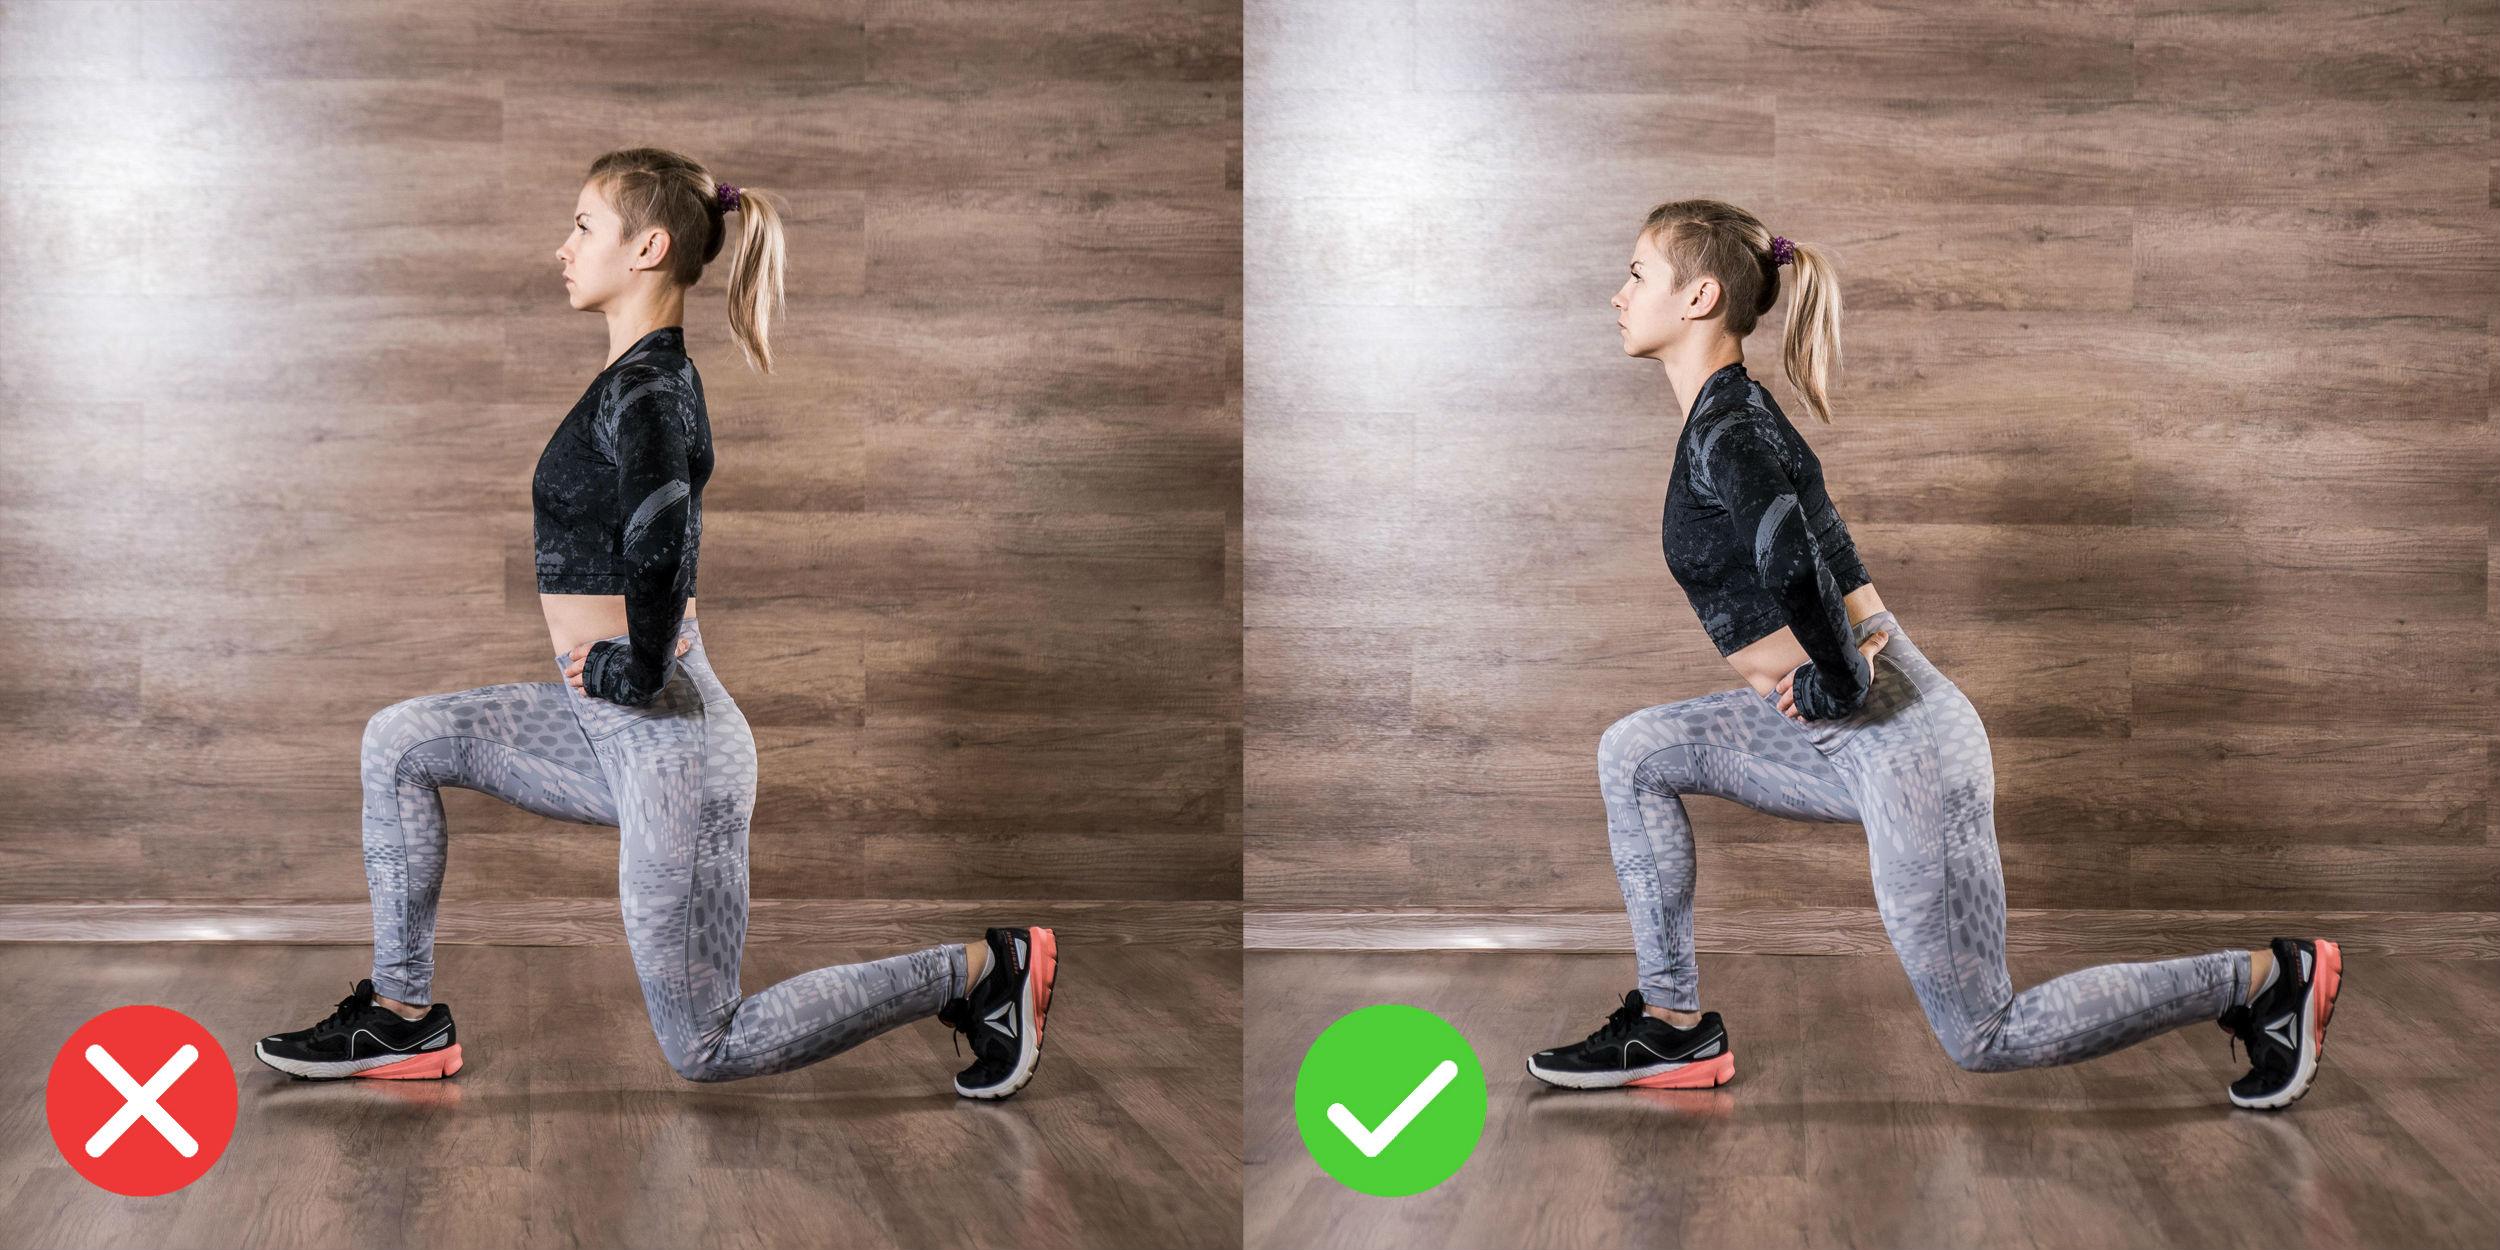 Выпады - техника выполнения (20+ вариантов выполнения упражнения): выпады с гантелями, выпады назад и вперед, выпады со штангой